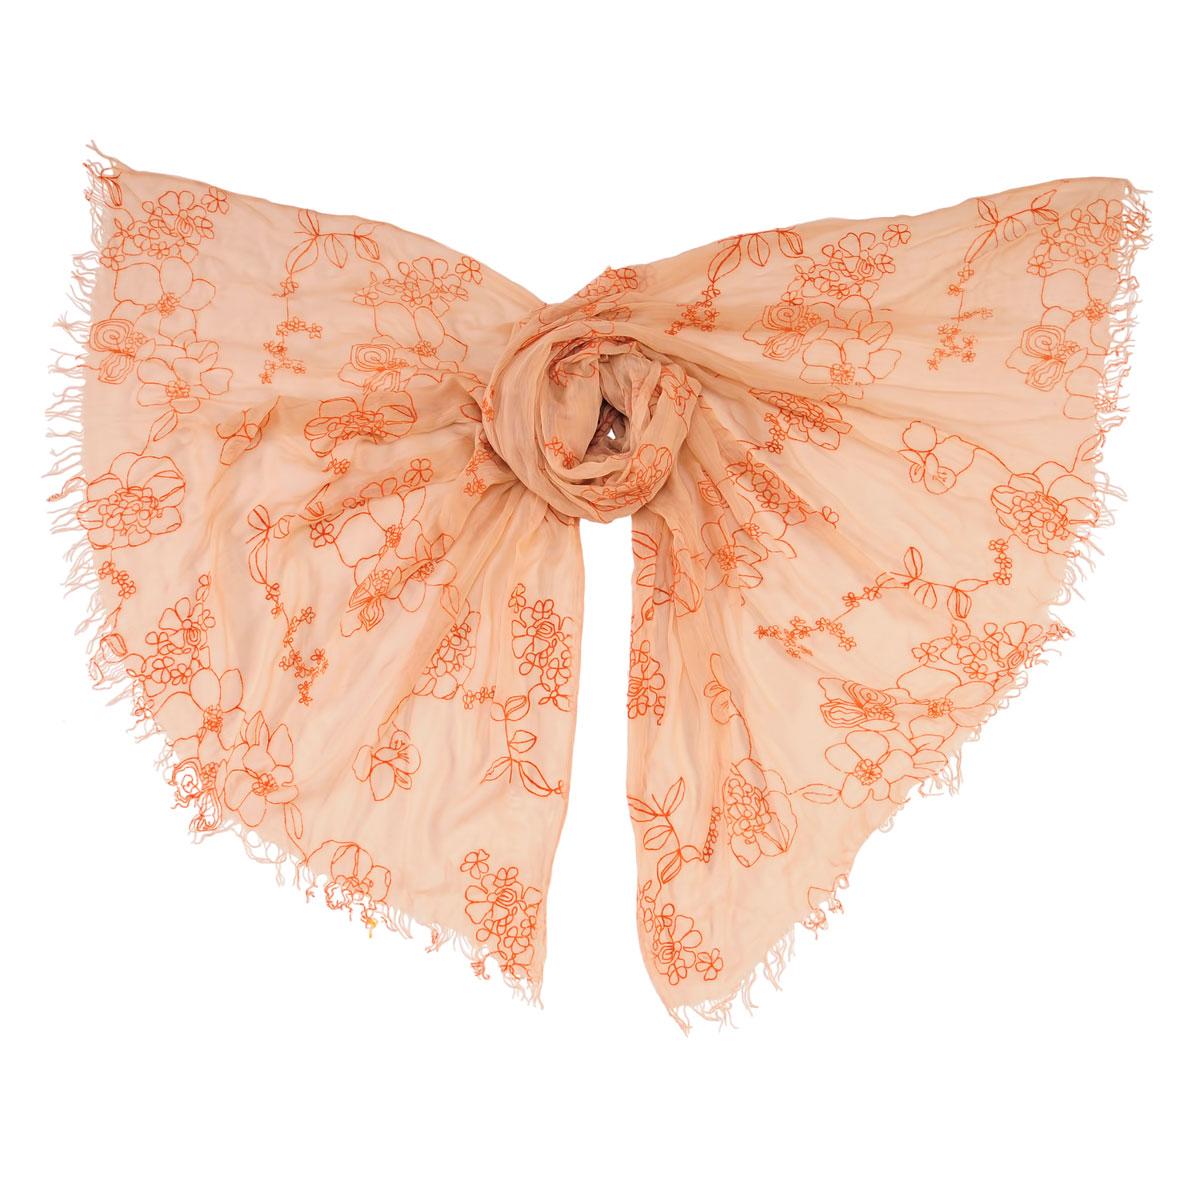 Палантин Модные истории, цвет: бежевый, оранжевый. 21/0233/006. Размер 200 см x 120